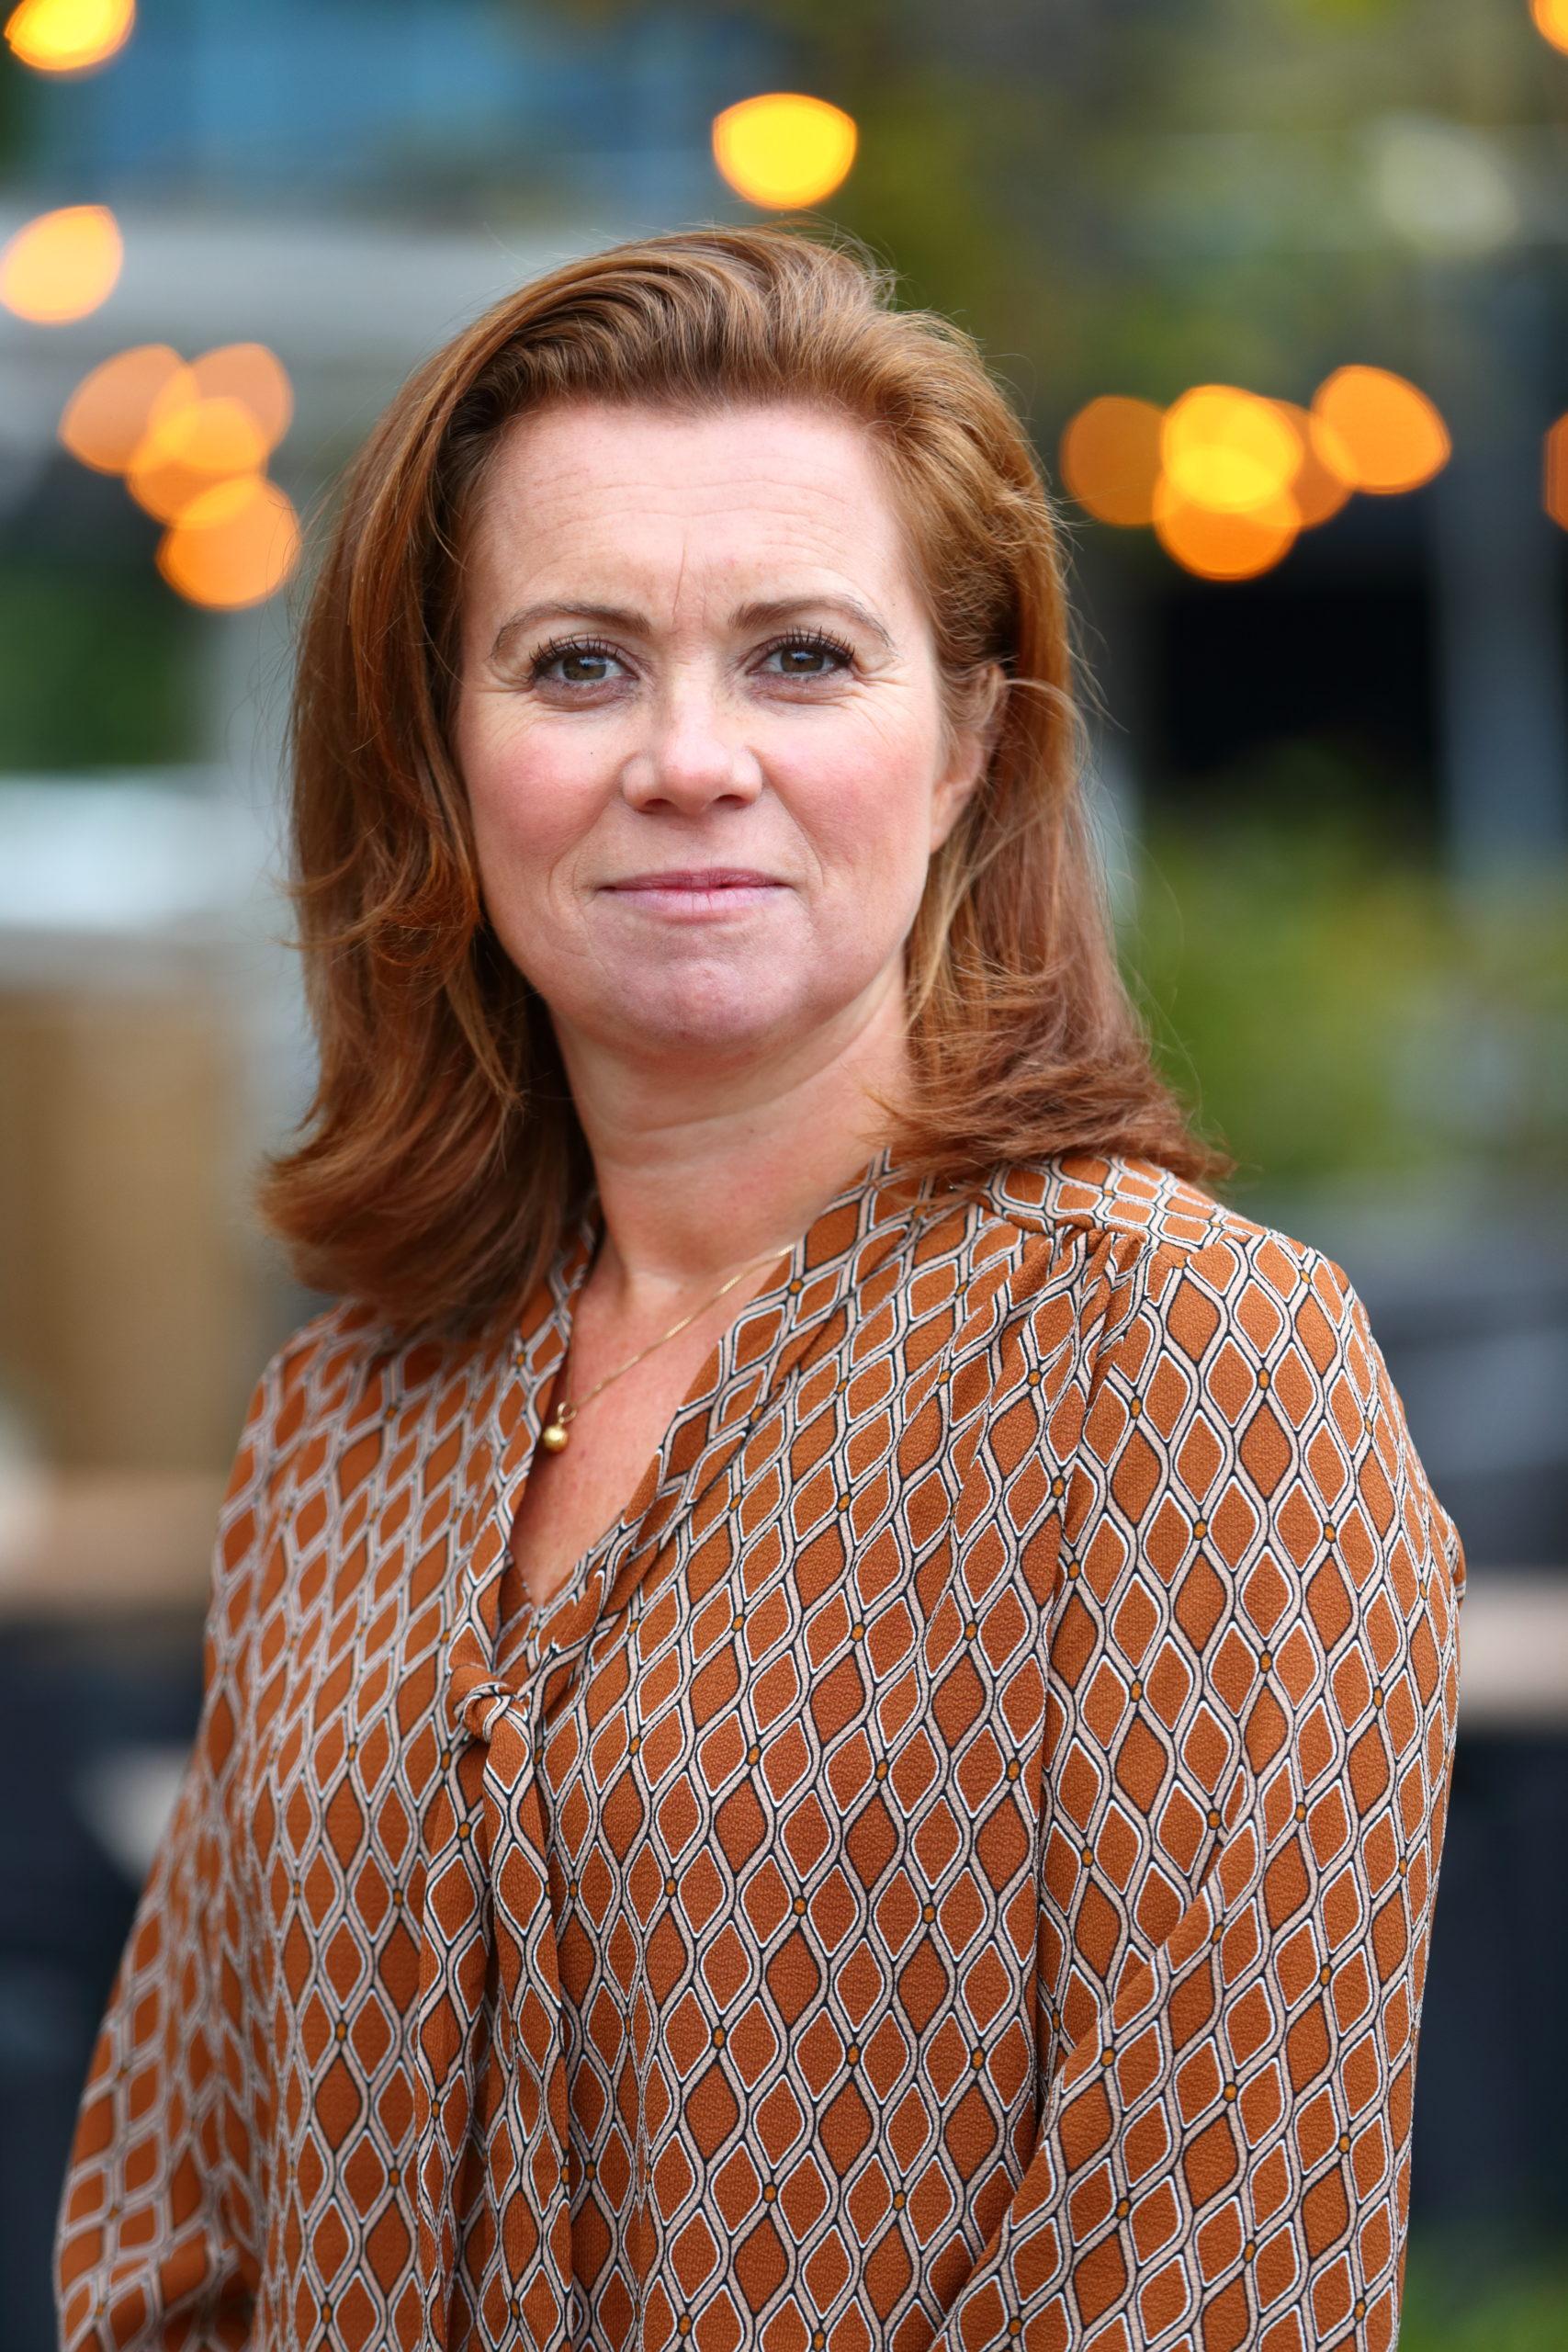 Mea Vota Uitvaart Esther Geels